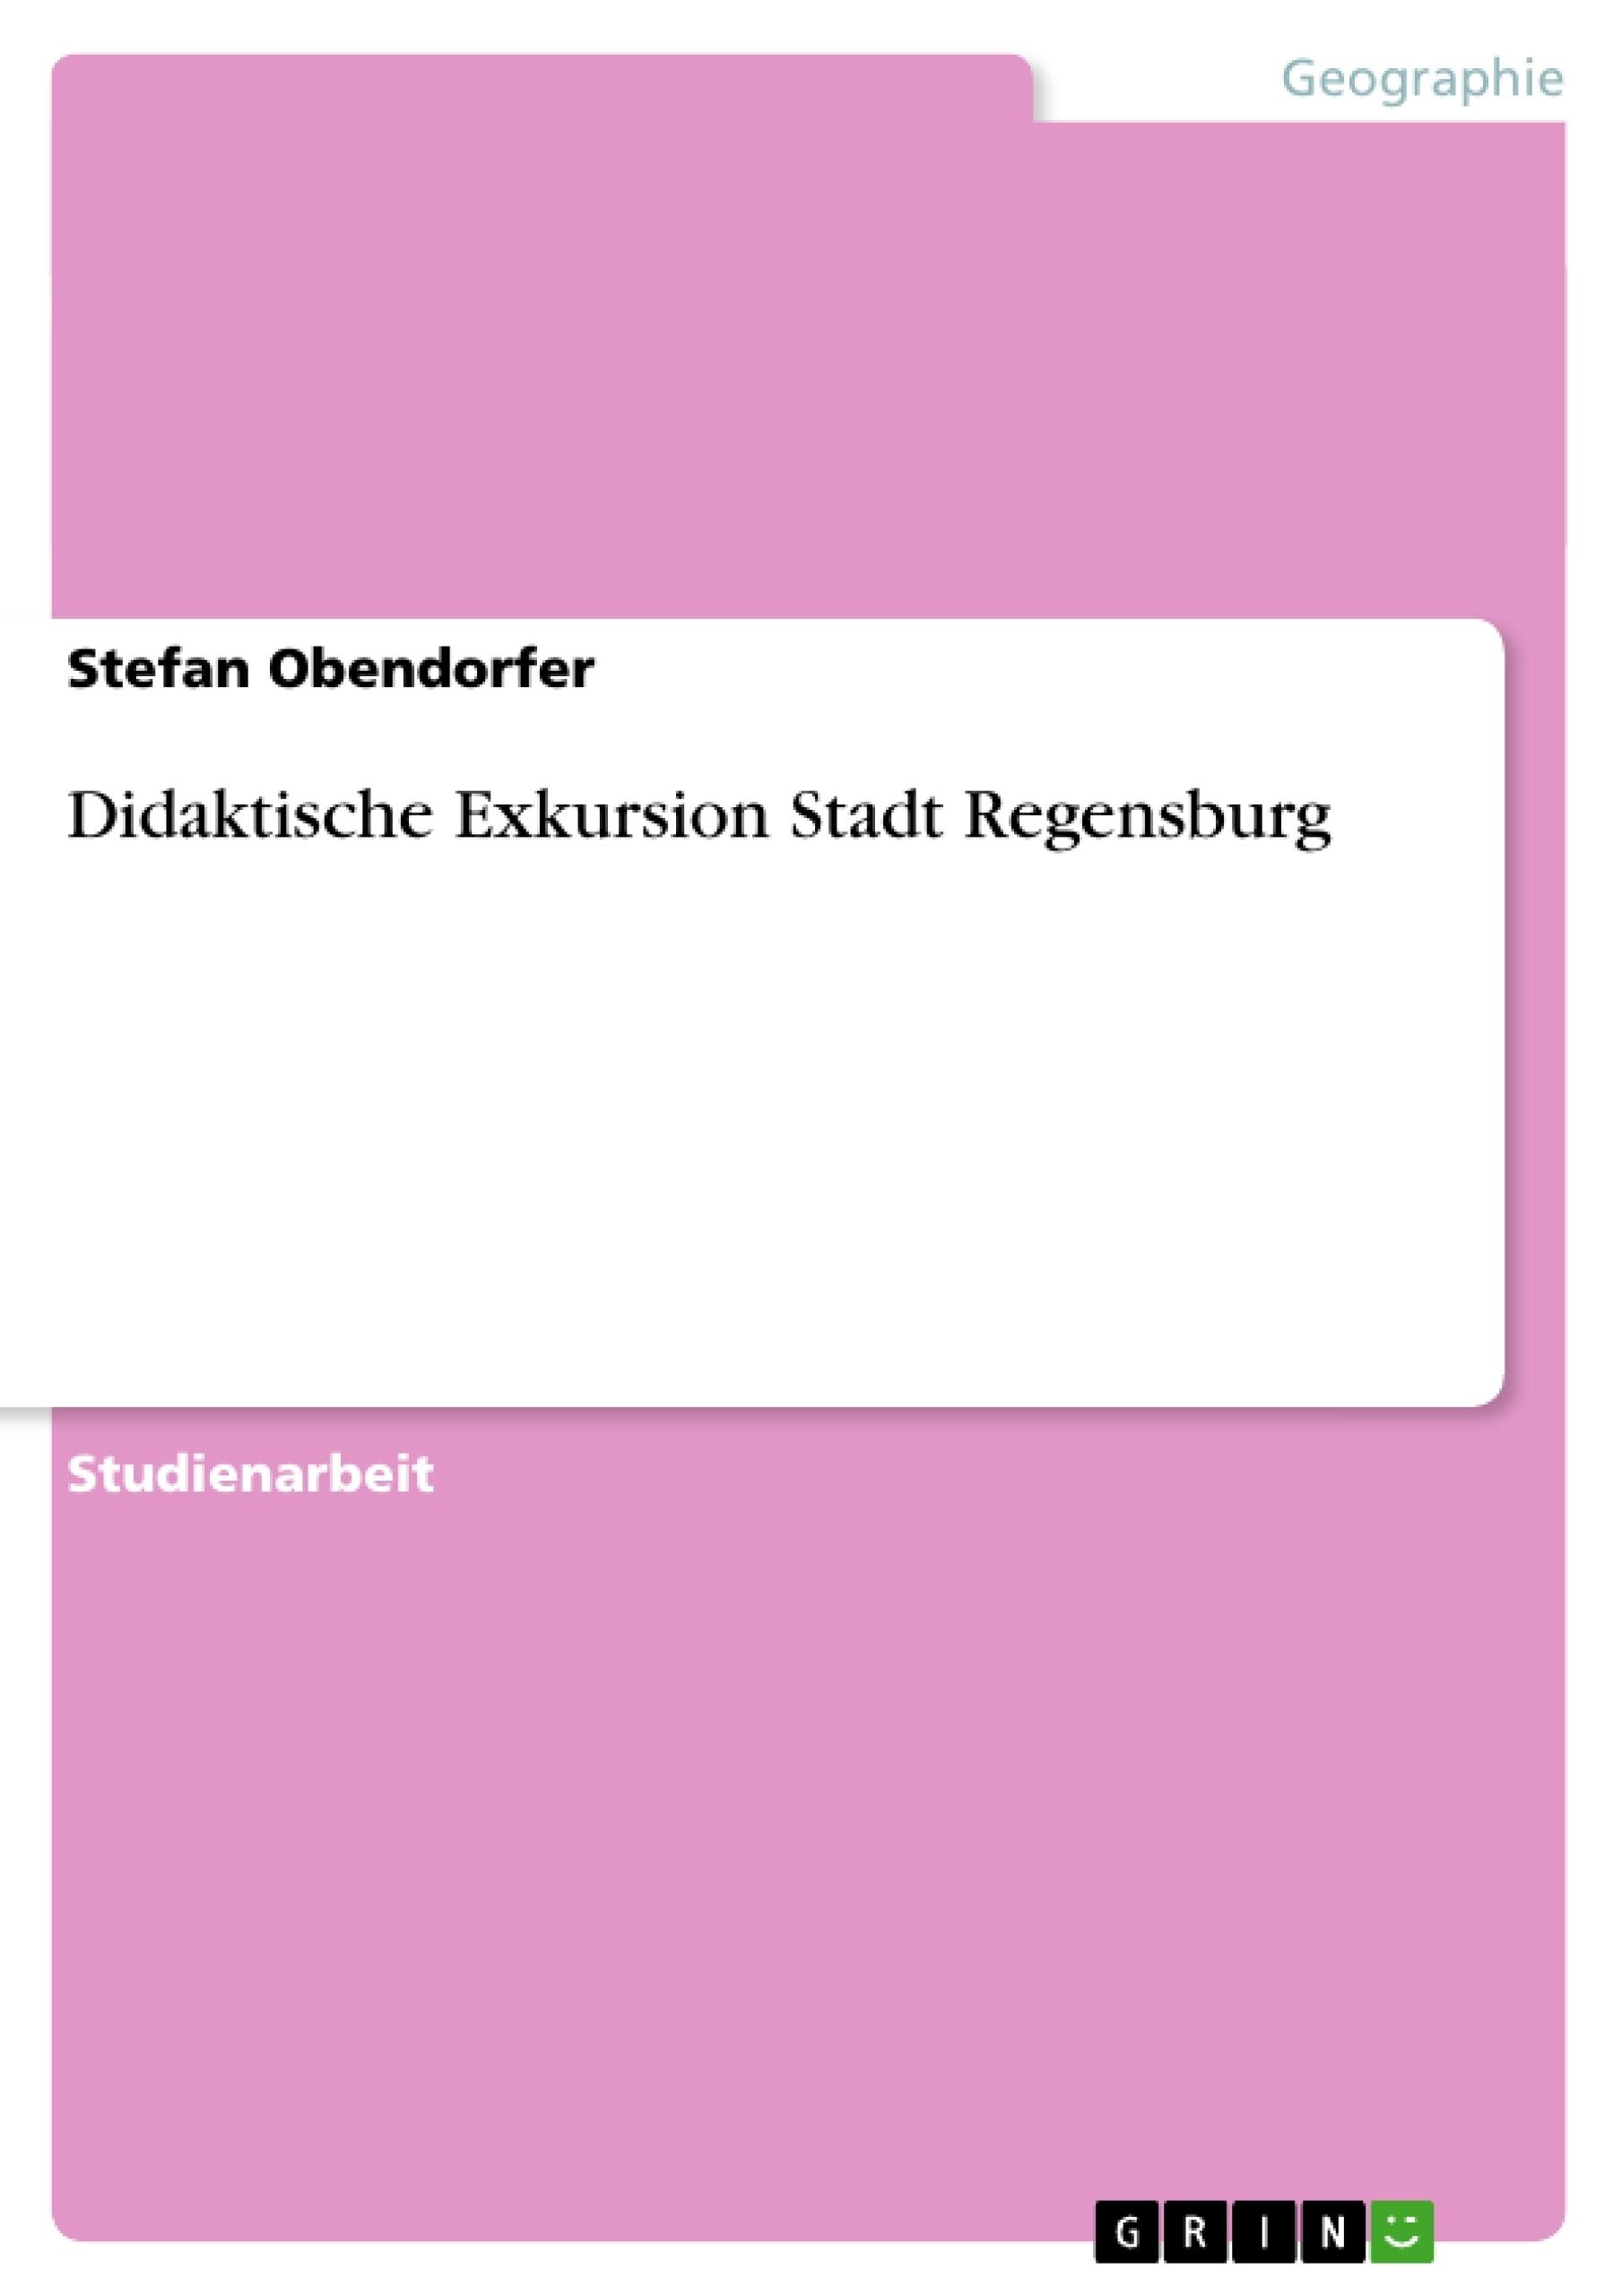 Titel: Didaktische Exkursion Stadt Regensburg